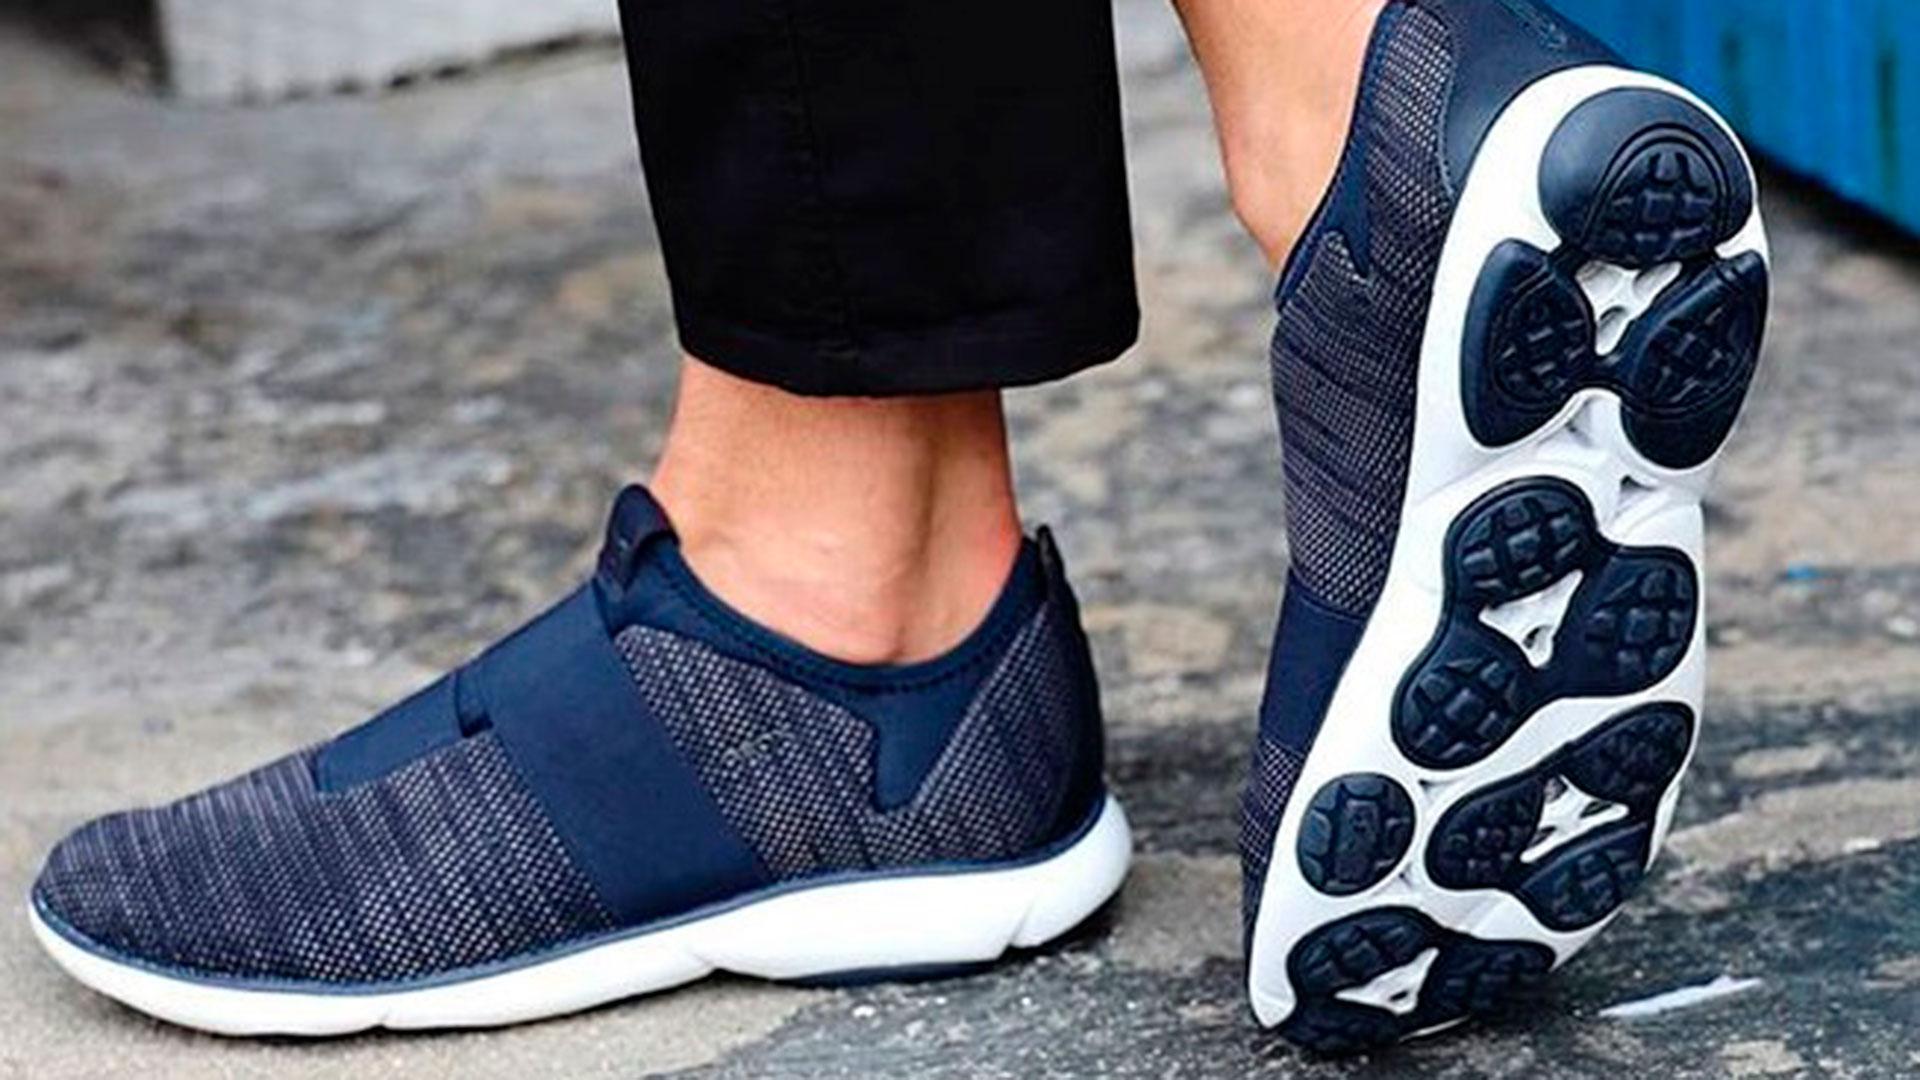 Chimenea muestra Canal  Geox, un calzado cómodo, transpirable e impermeable para el verano